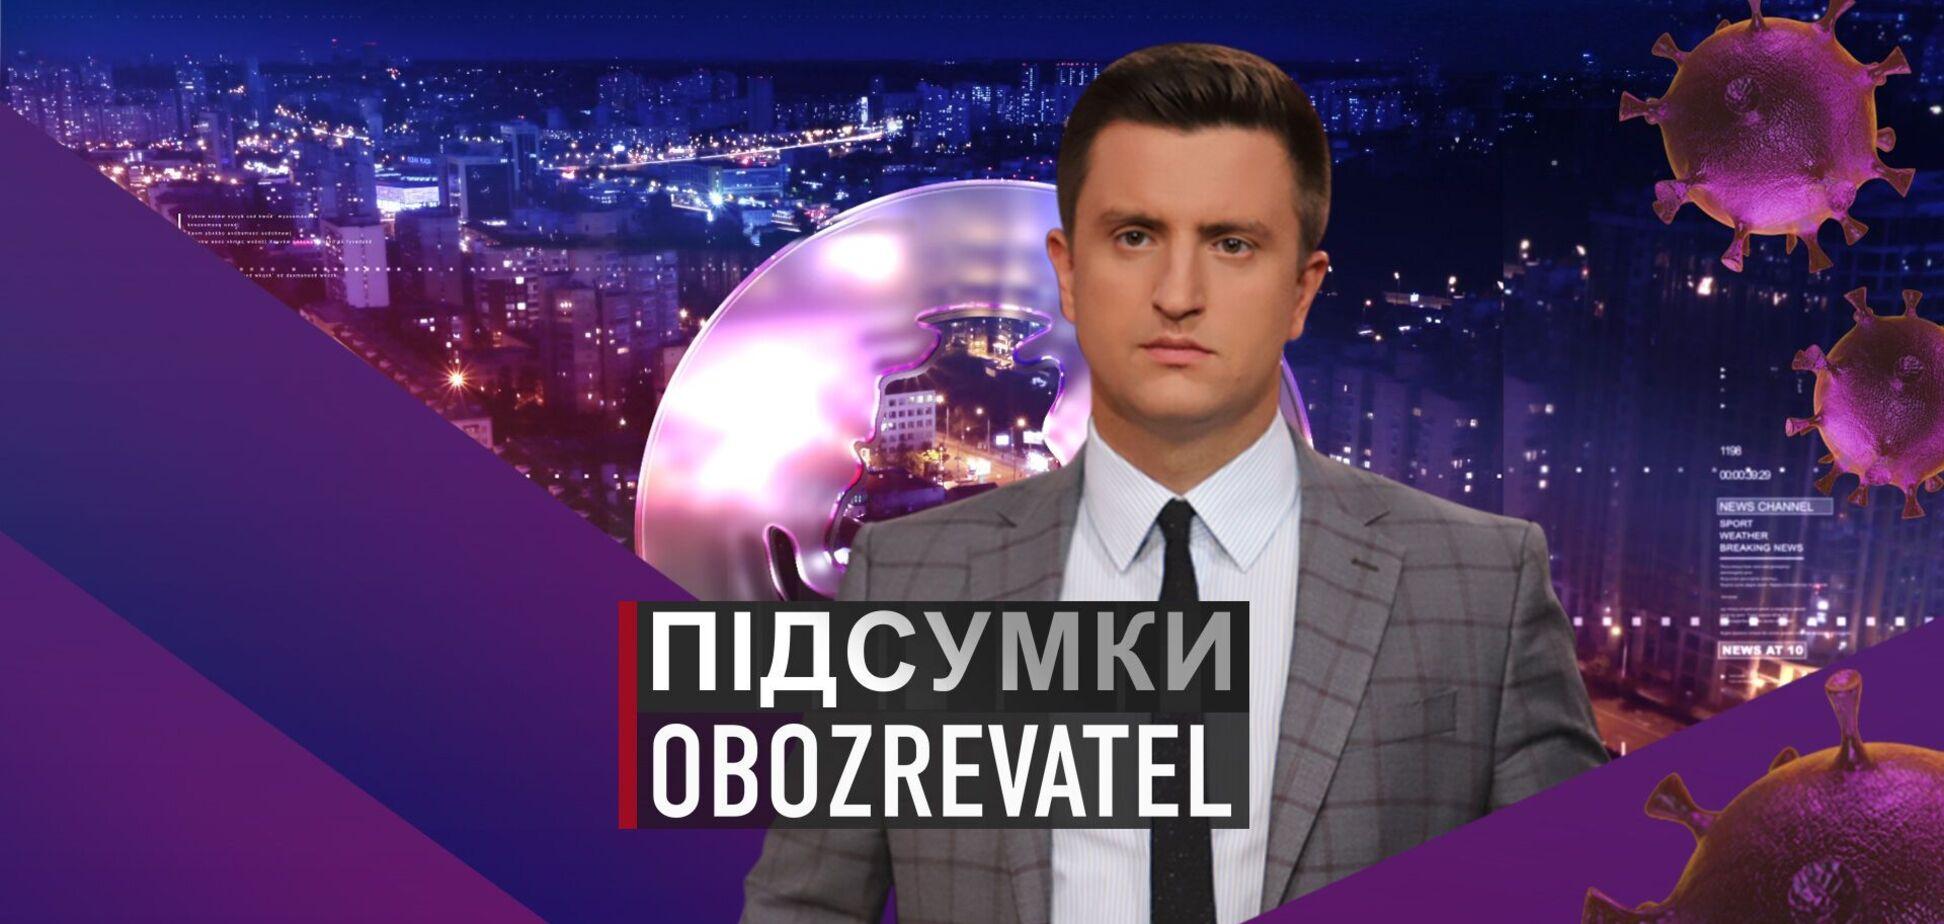 Підсумки с Вадимом Колодийчуком. Среда, 29 сентября